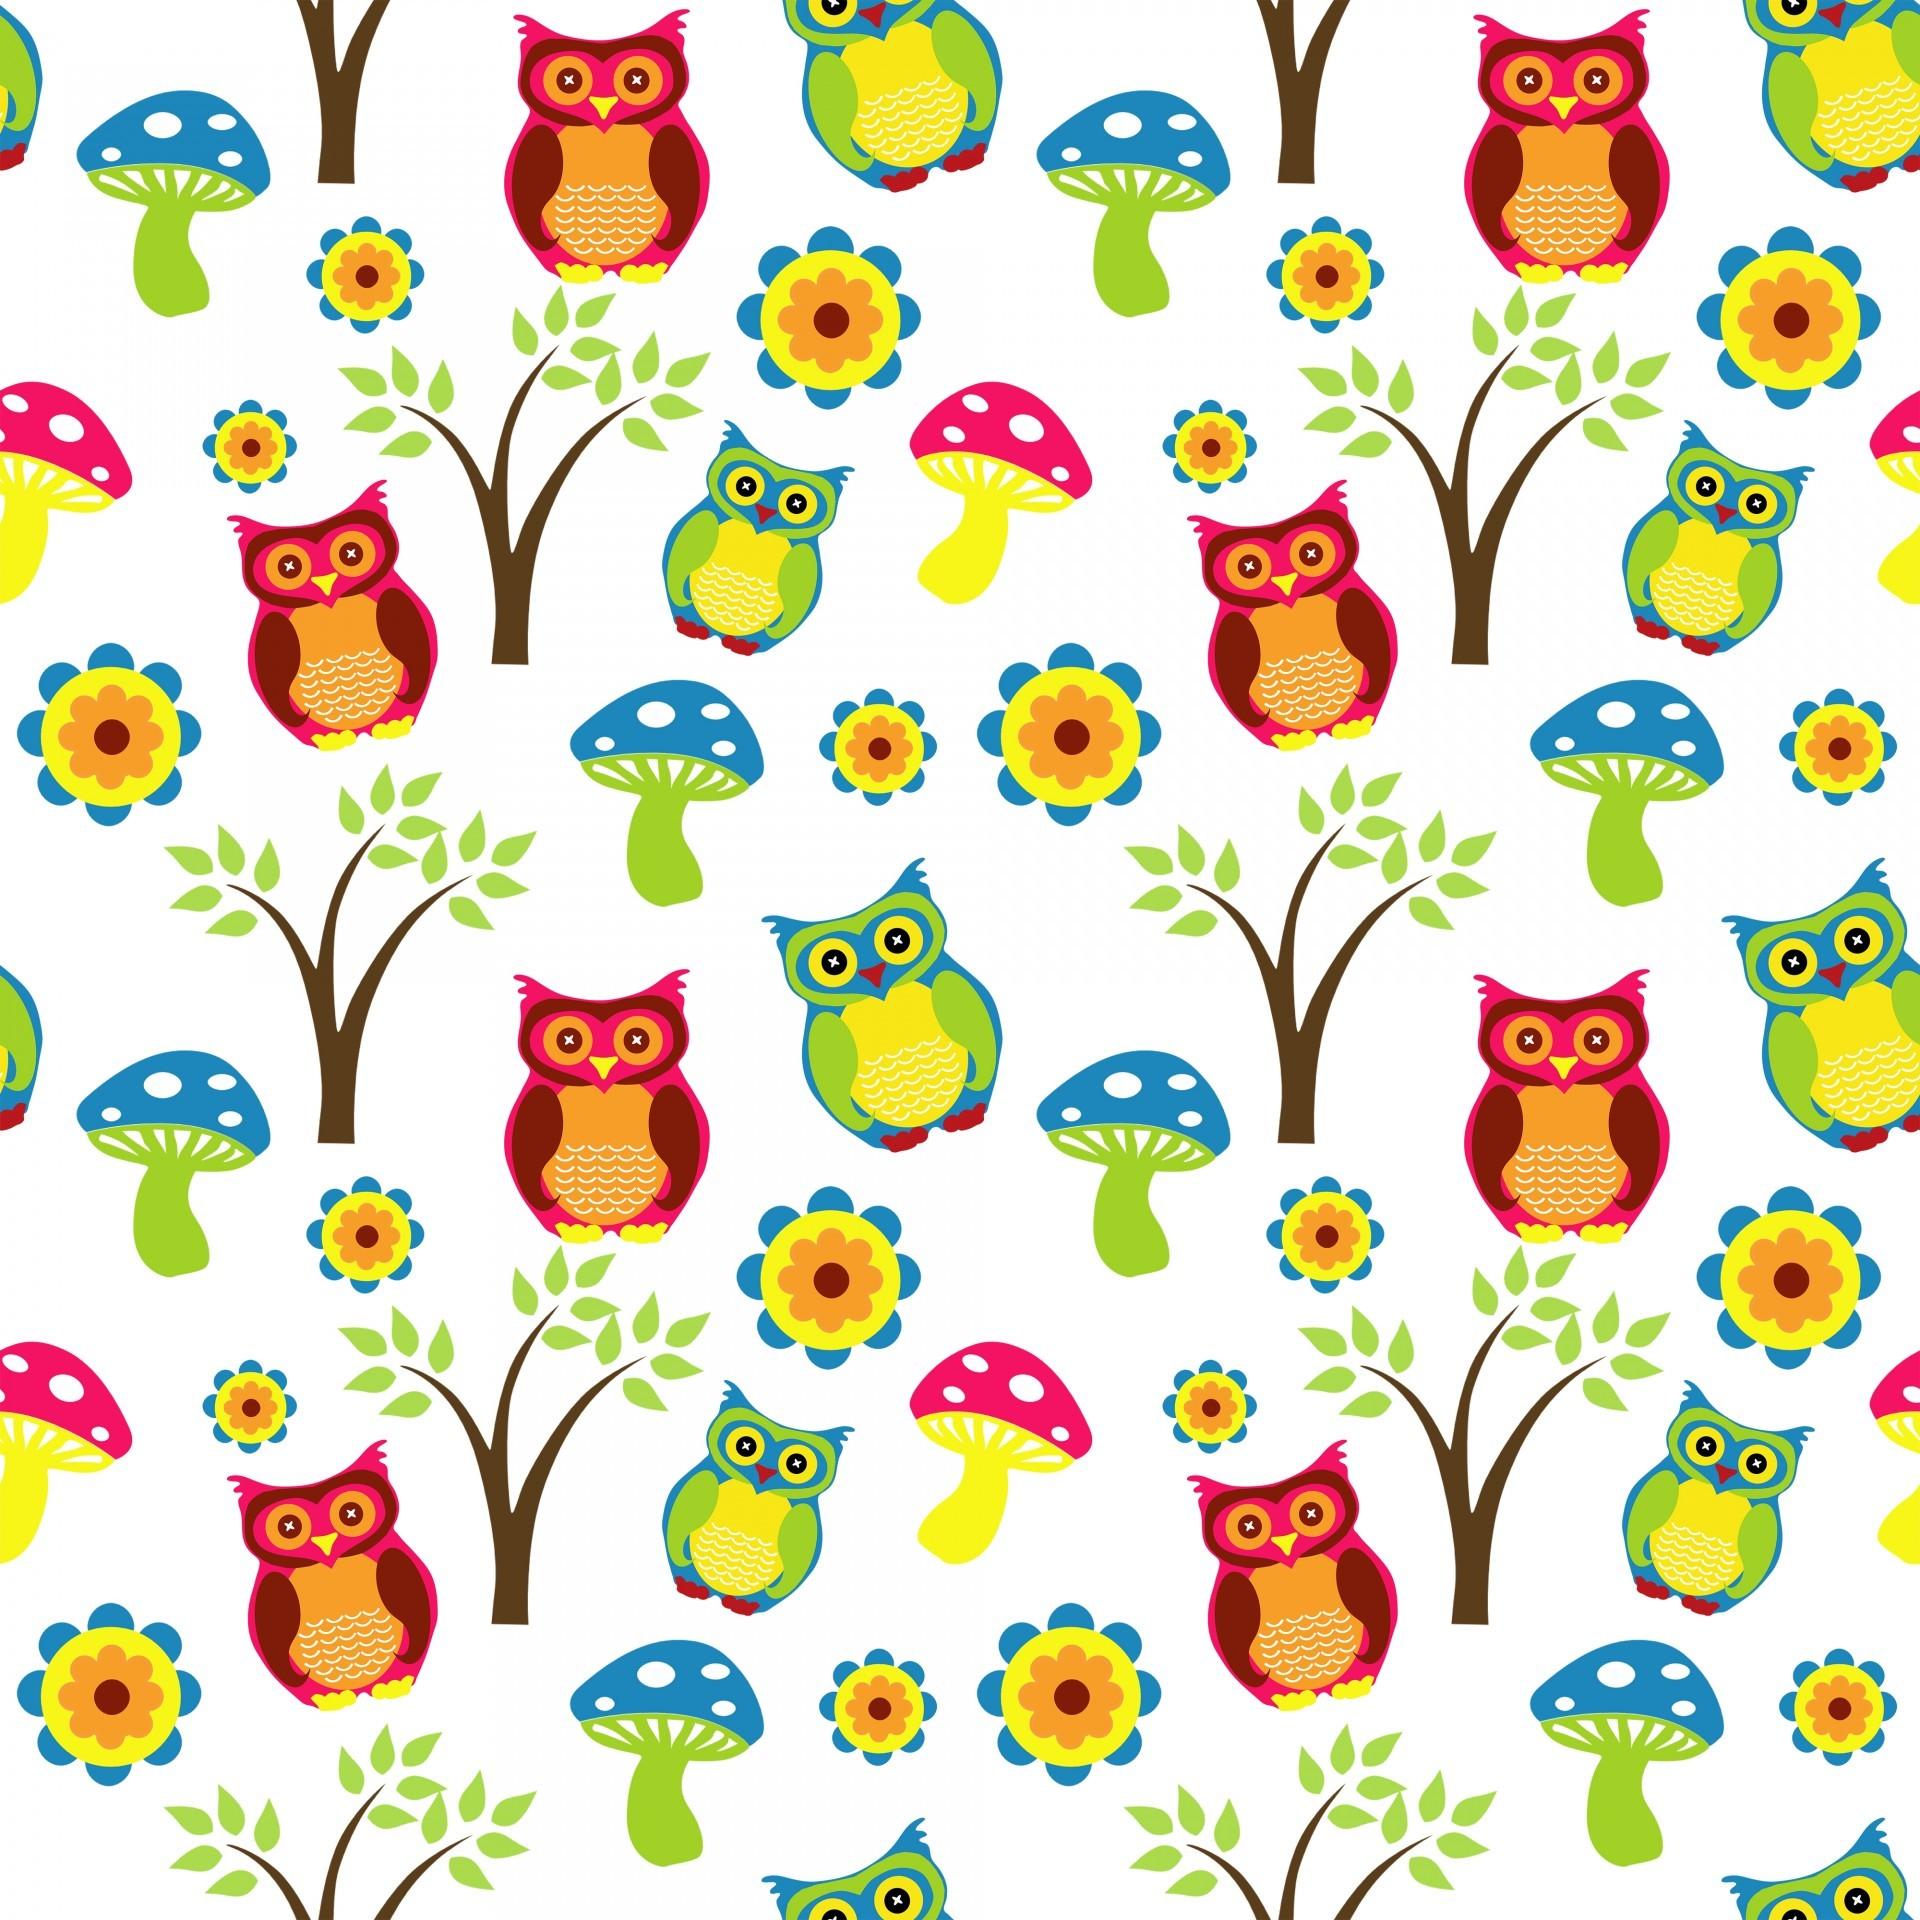 Cute Owl Wallpaper Pattern